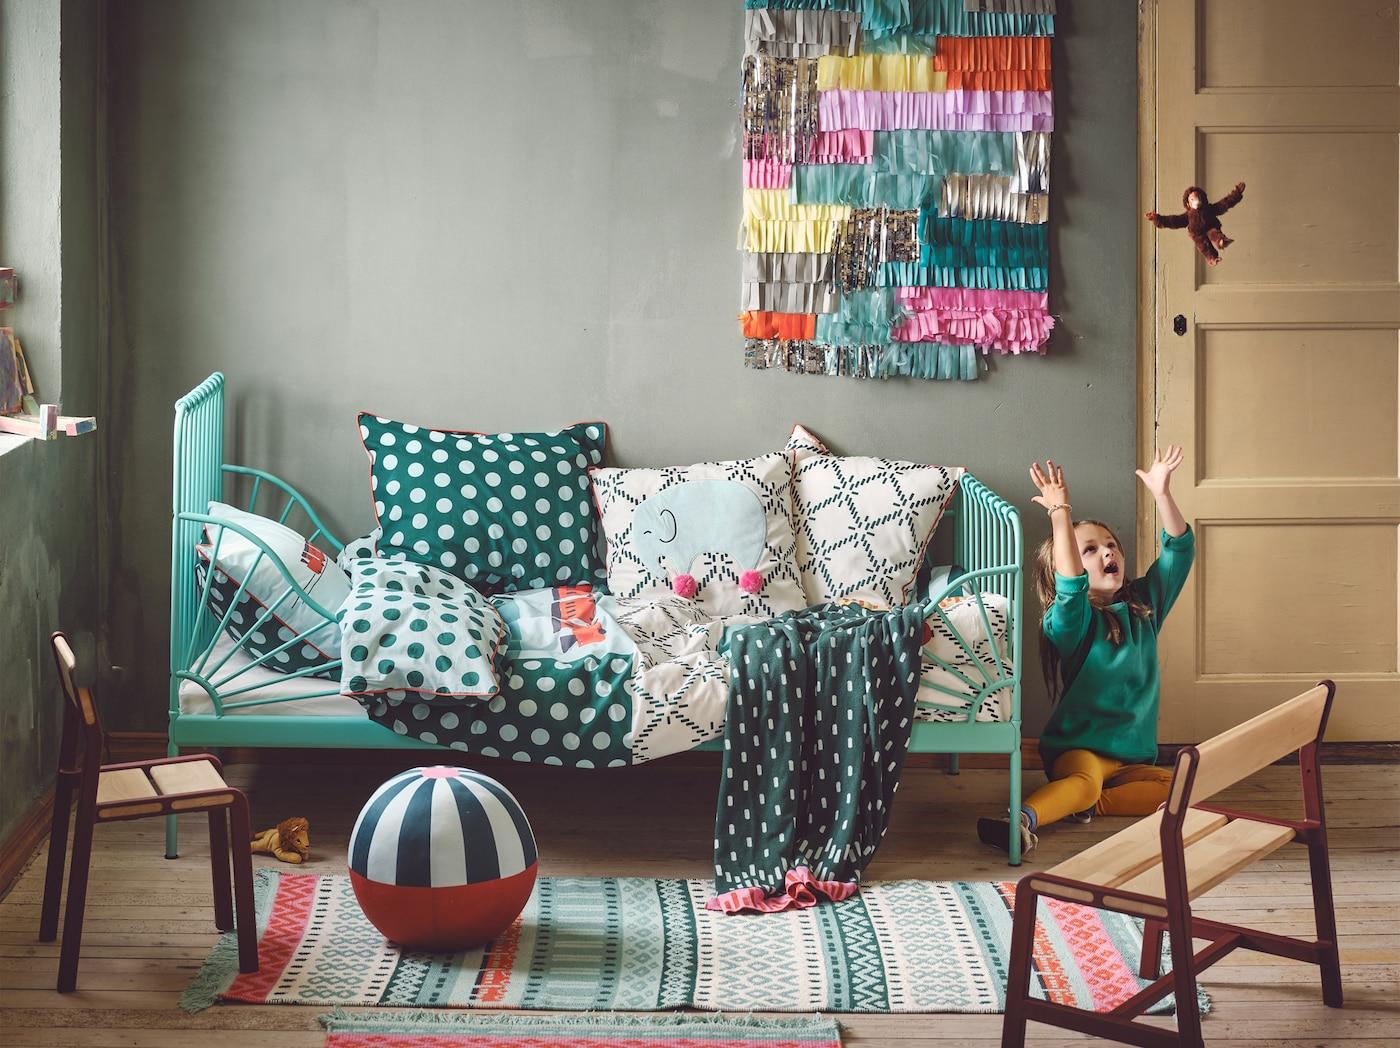 KÄPPHÄST peitto, matto ja tyynyt värikkäässä lastenhuoneessa. Lapsi heittää leluapinaa ilmaan.